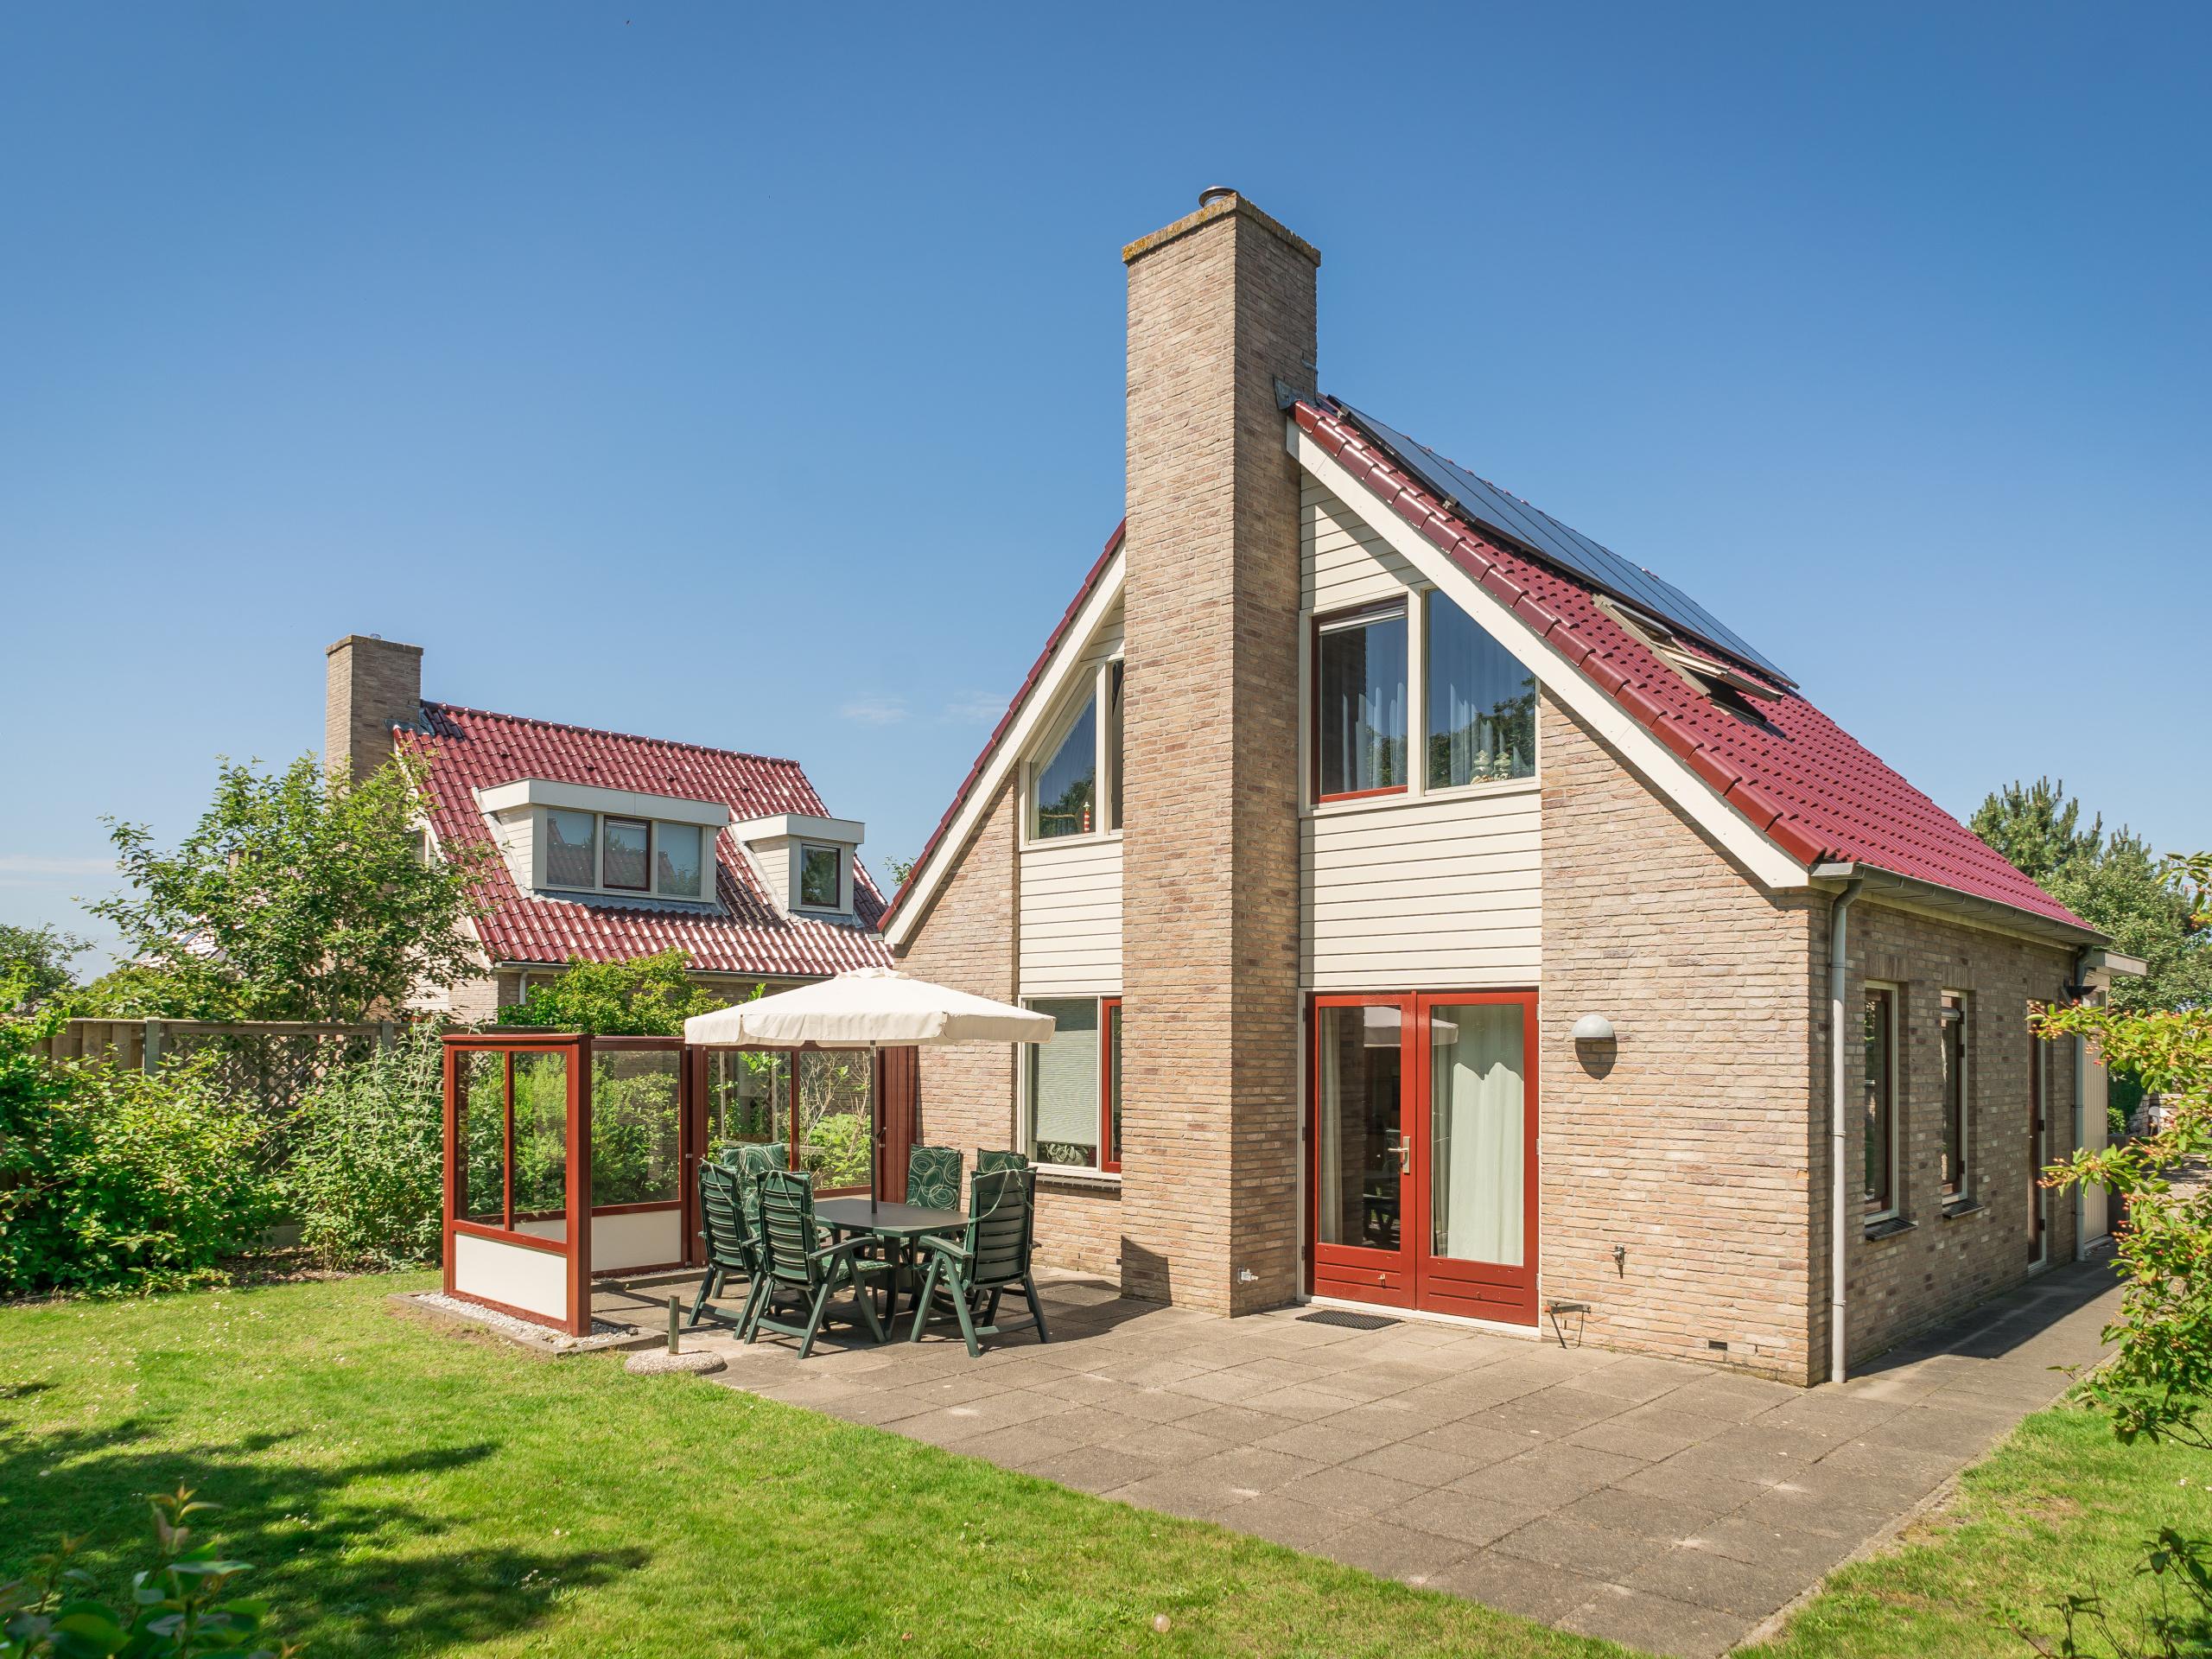 Luxuriöses Ferienhaus mit 2 Bädern in zentraler Lage am Wald etwas außerhalb von De Koog